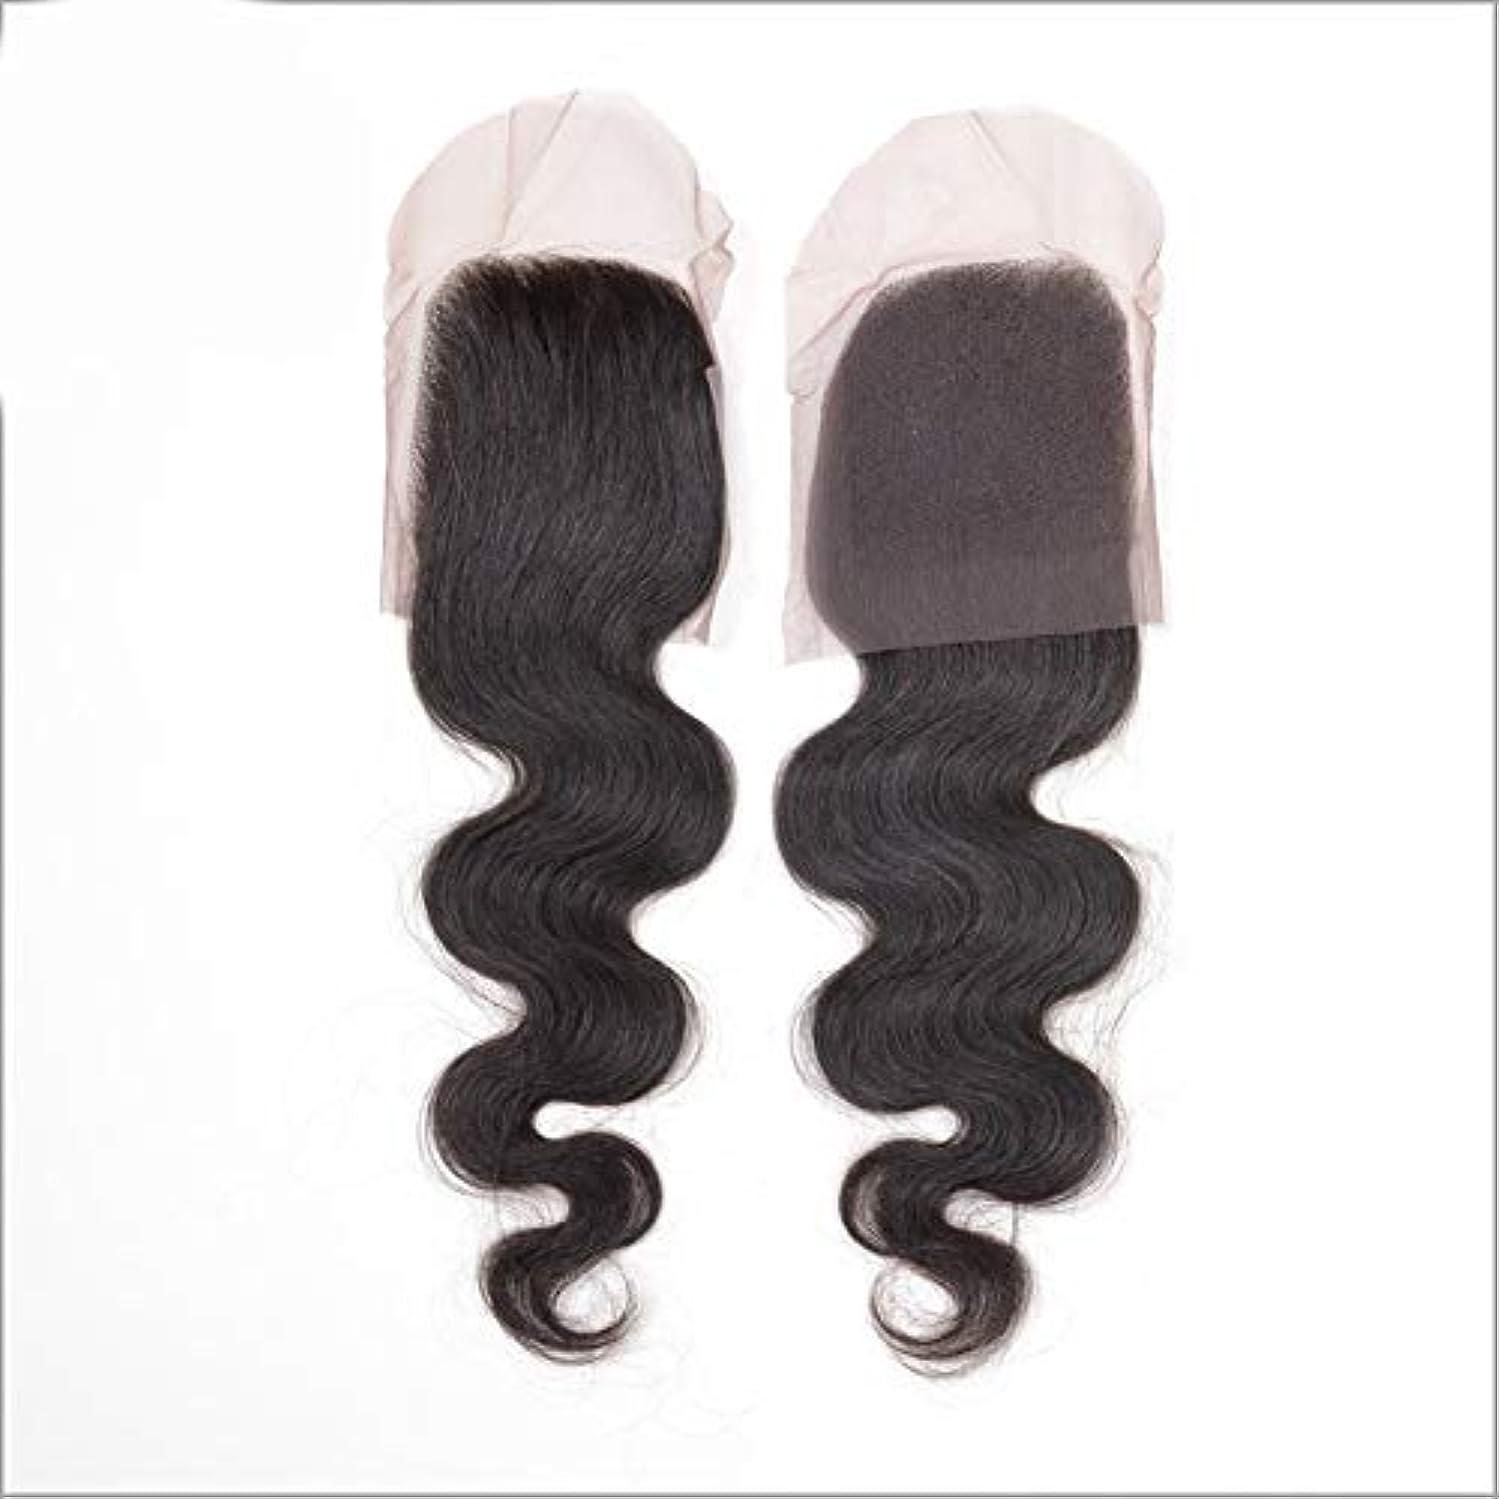 注目すべきショートベイビーHOHYLLYA ブラジル髪織りバンドルで閉鎖レース前頭4×4フリーパート実体波フルレースナチュラルヘアエクステンション用女性複合ヘアレースかつらロールプレイングかつら (色 : 黒, サイズ : 10 inch)